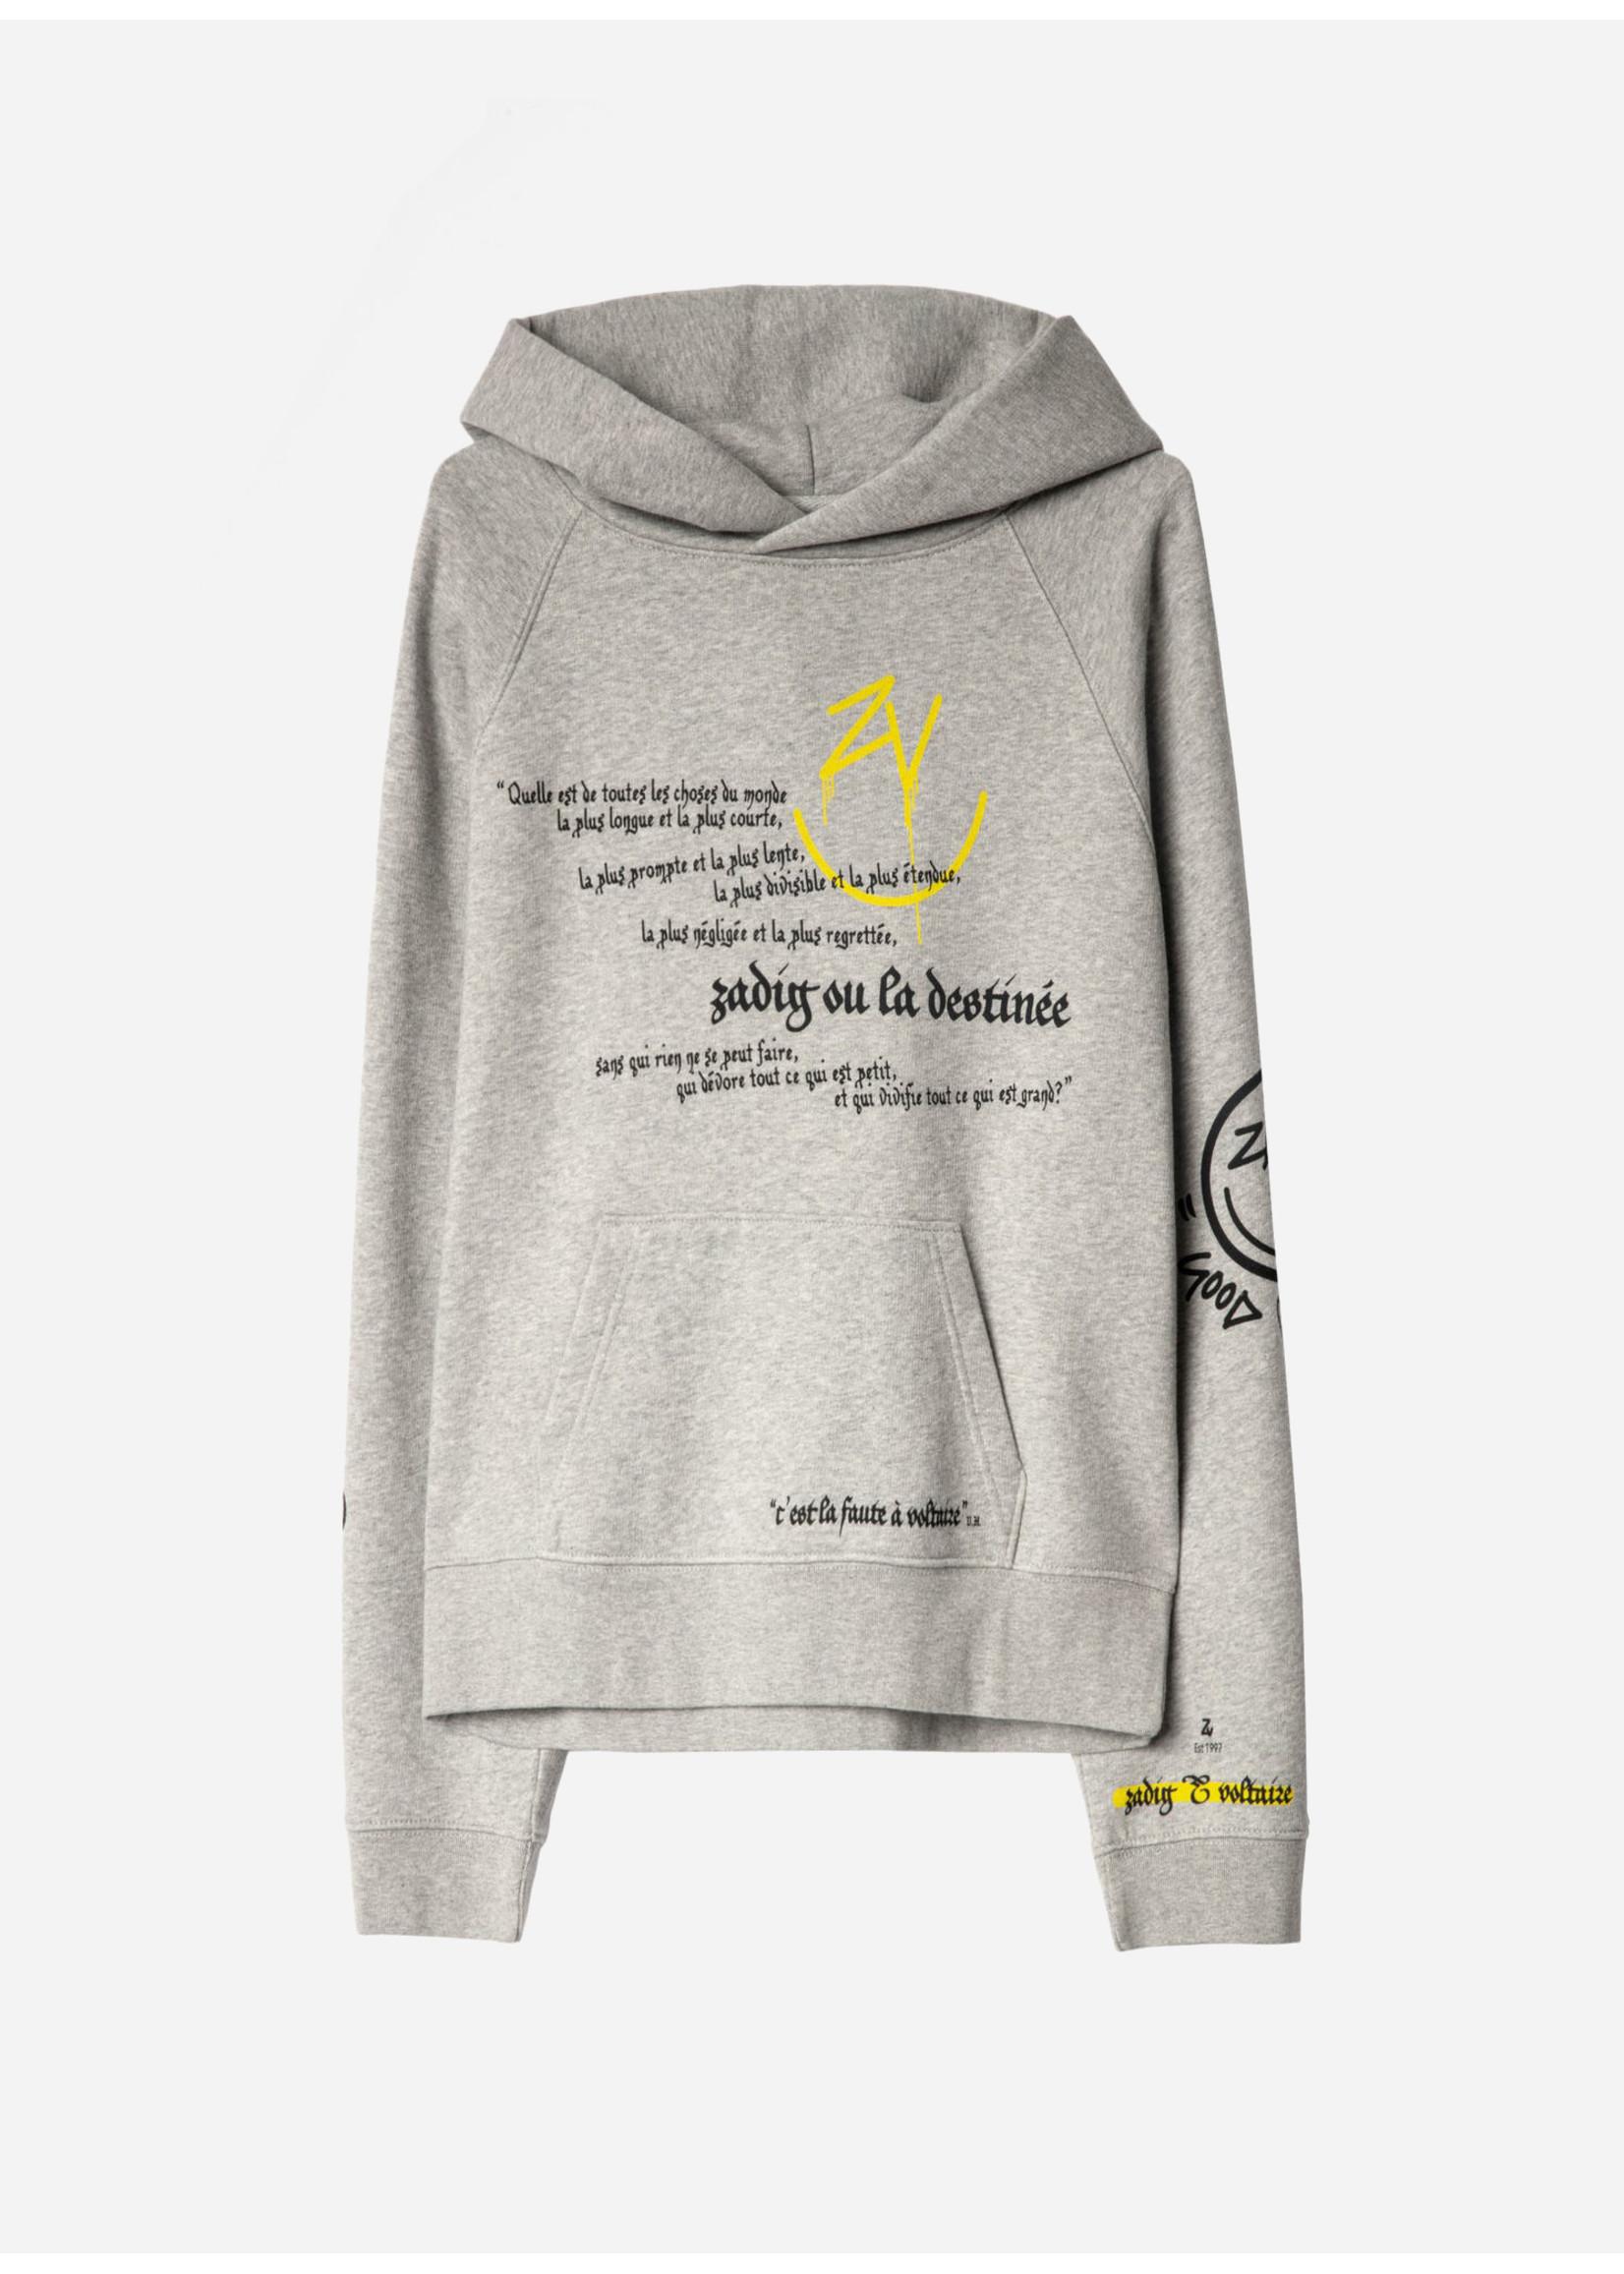 Zadig & Voltaire Georgy Multicusto Voltaire Happy Sweatshirt Grey